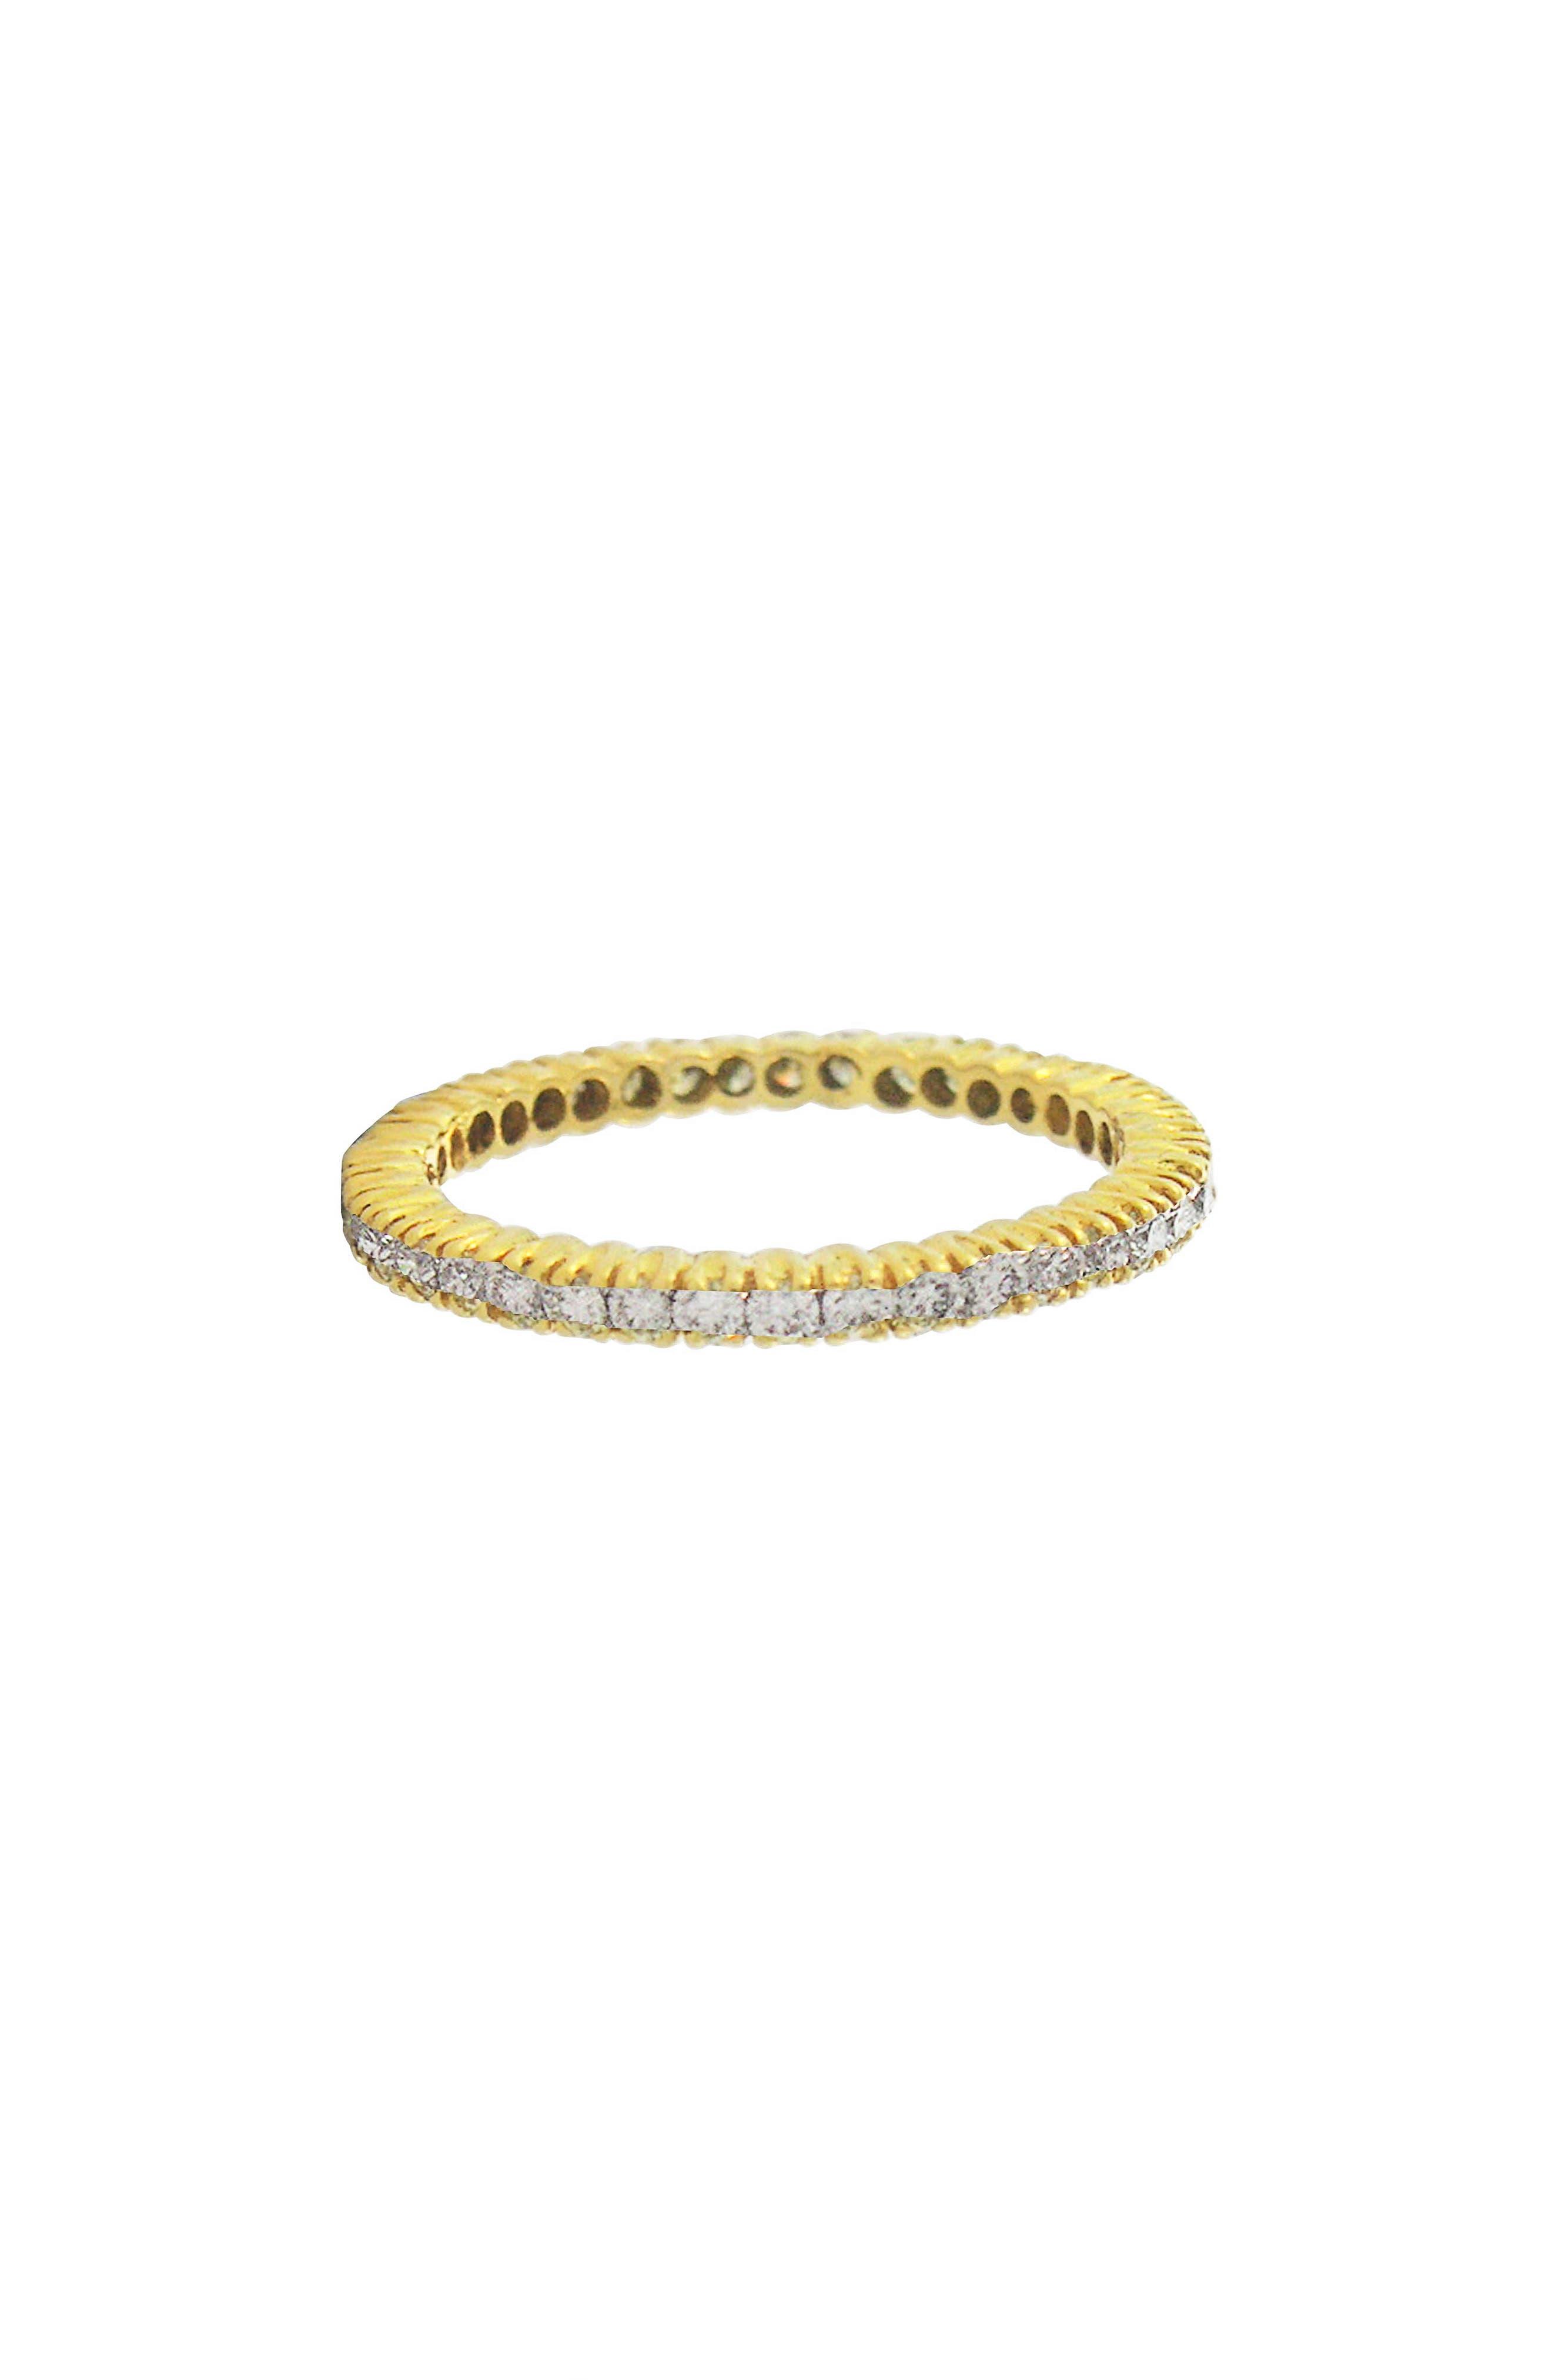 SETHI COUTURE PRONG SET DIAMOND ETERNITY BAND